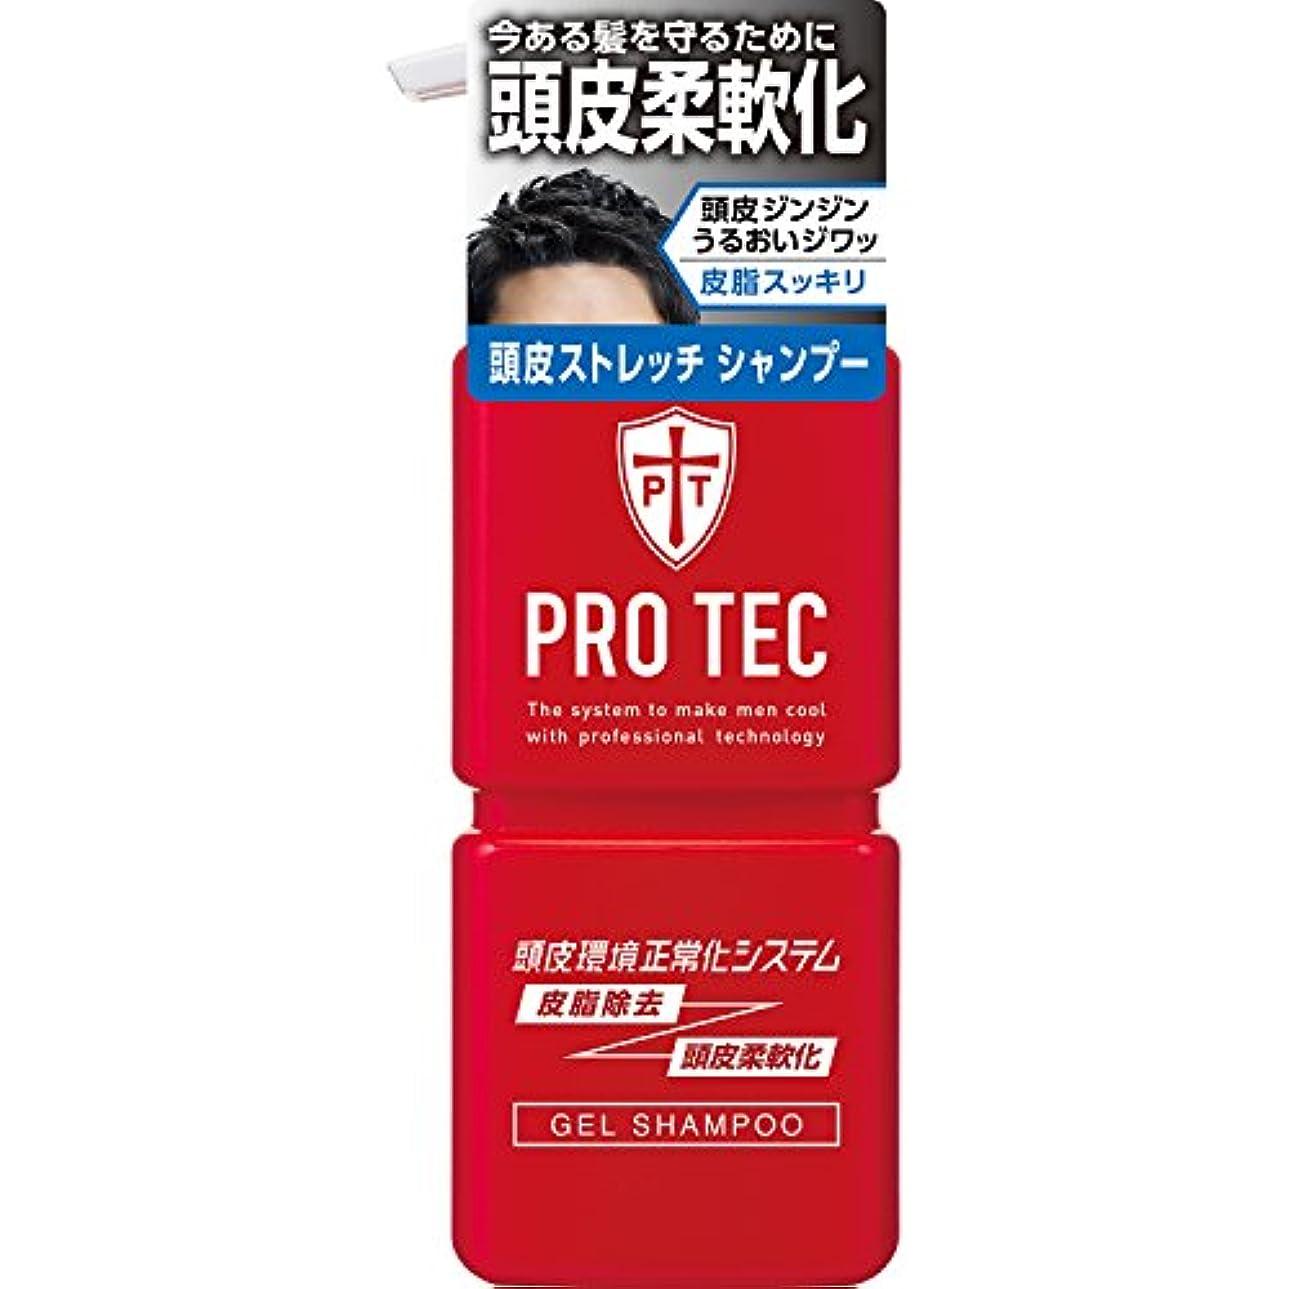 ノベルティオンスPRO TEC(プロテク) 頭皮ストレッチ シャンプー 本体ポンプ 300g(医薬部外品)